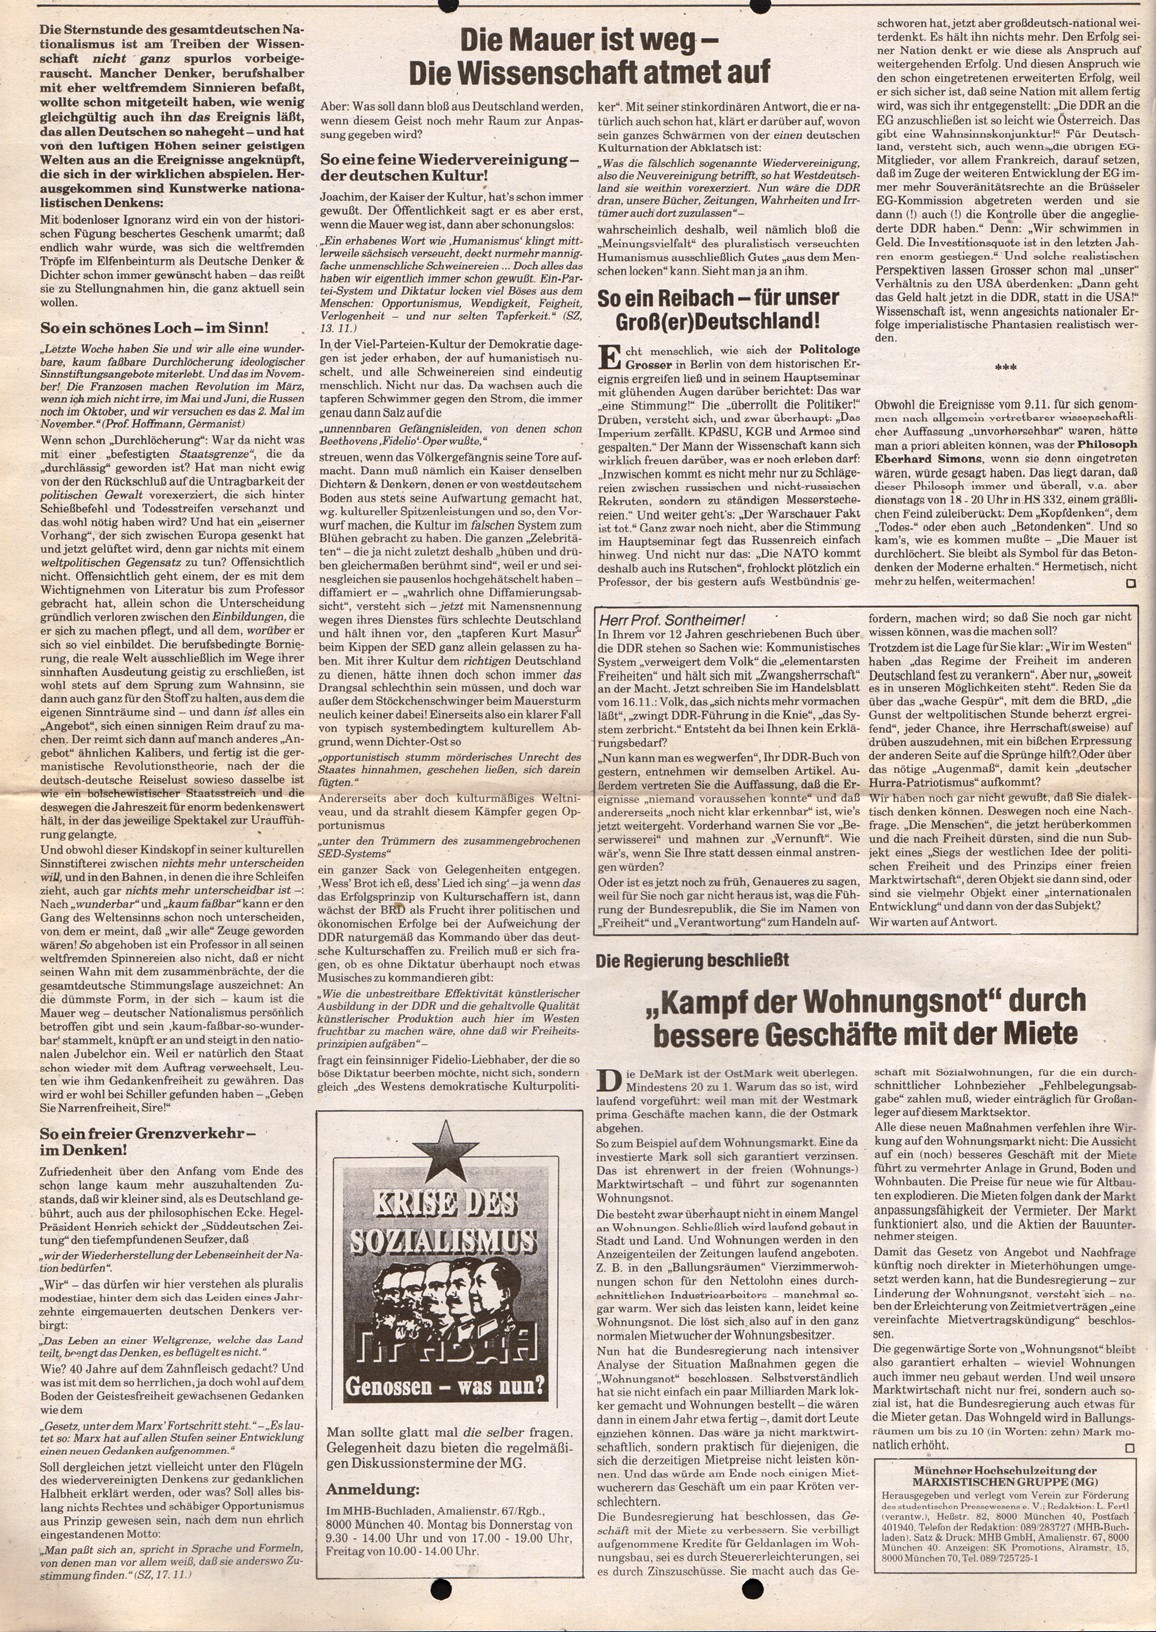 Muenchen_MG_Schulzeitung_19891128_02